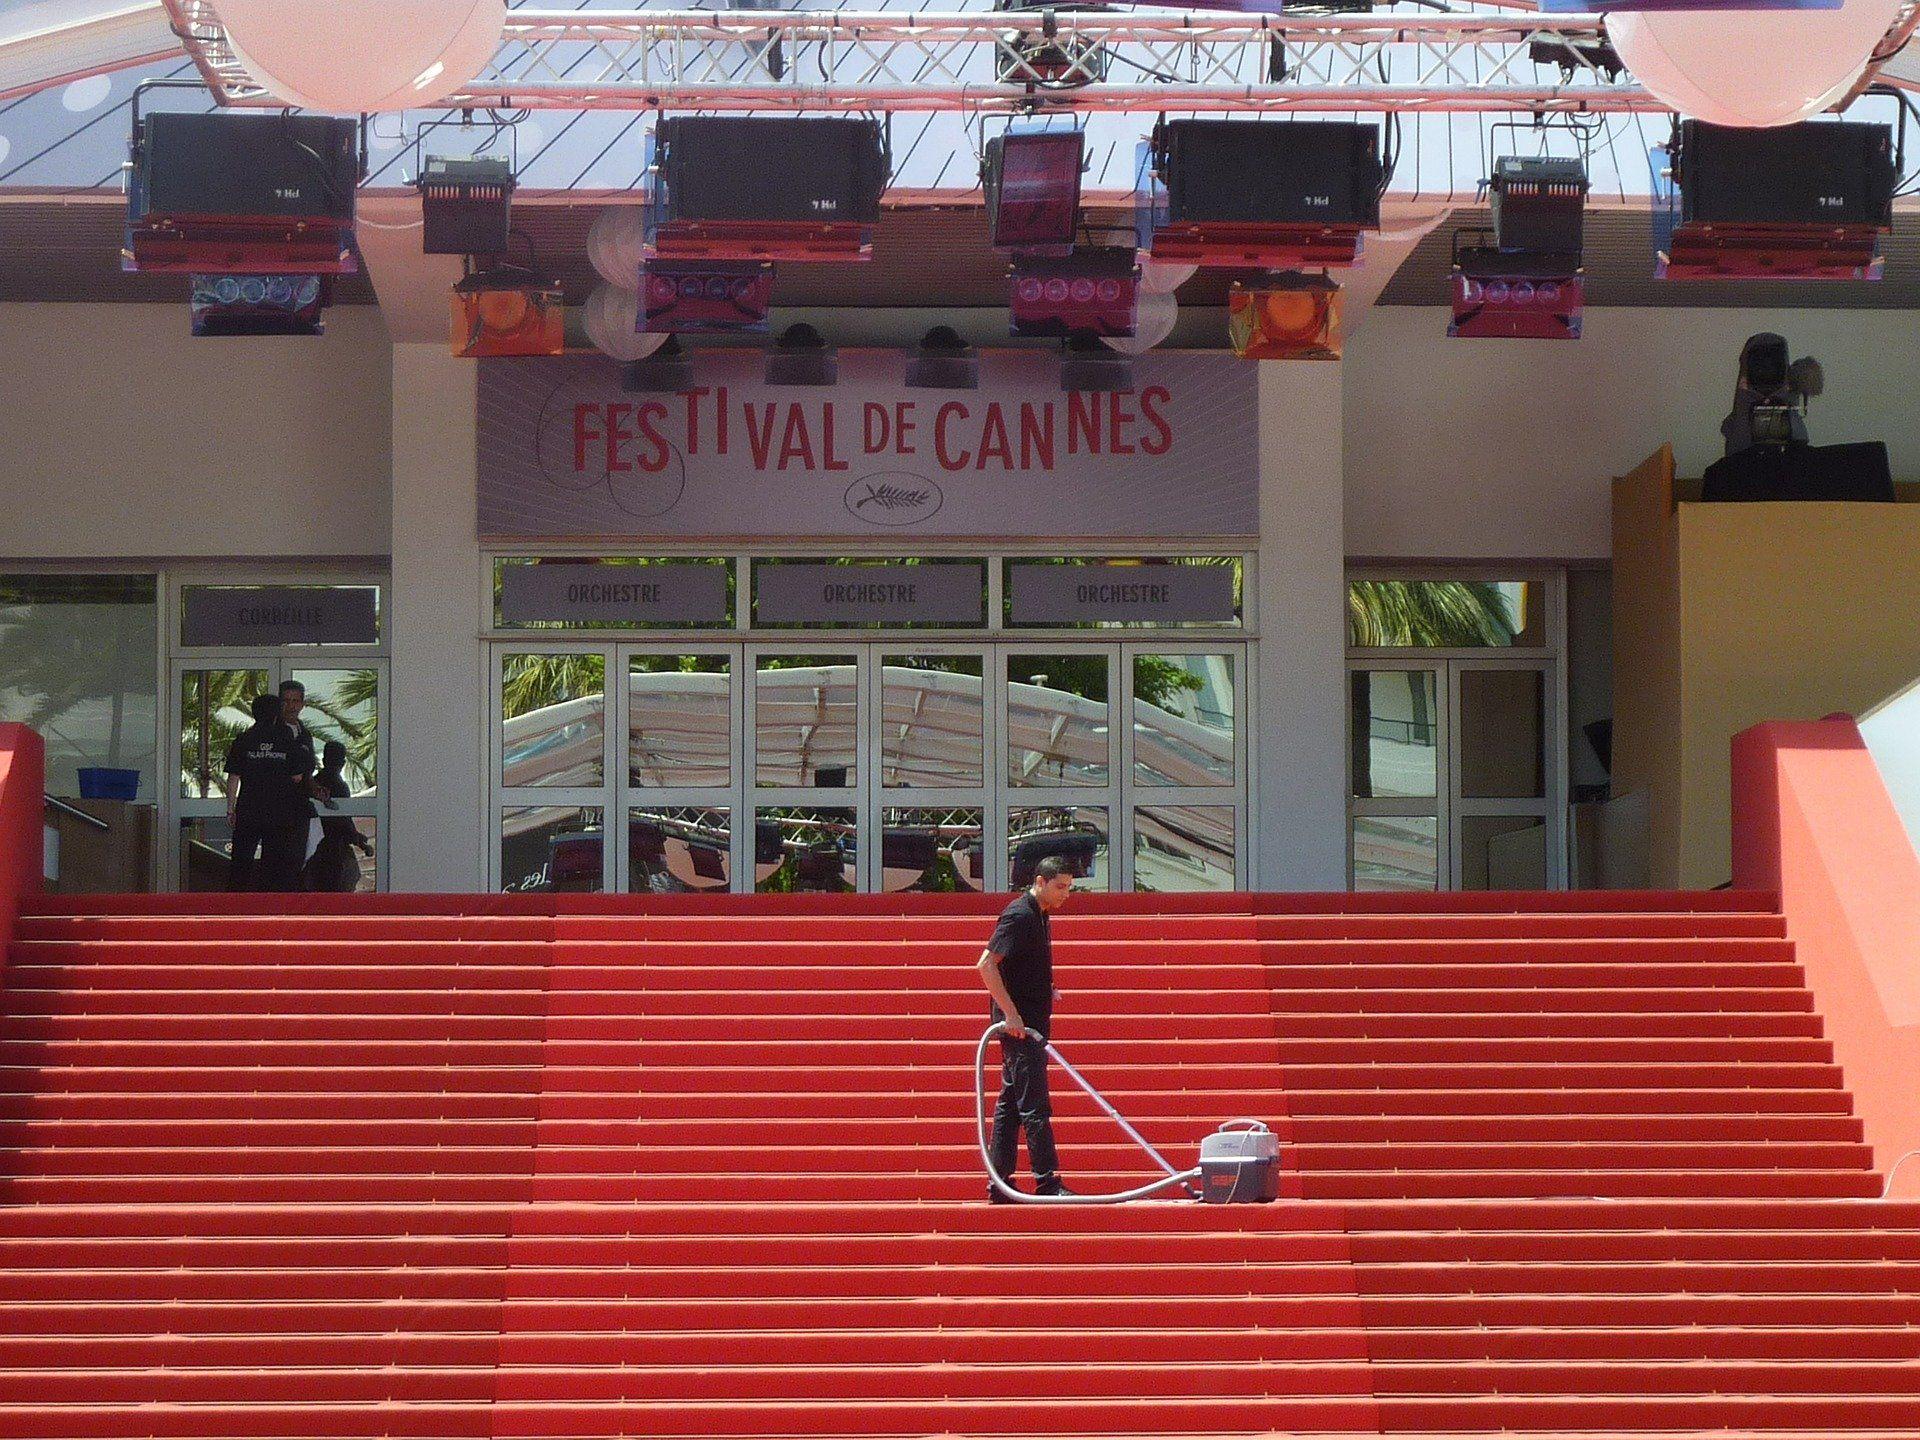 Une année sans Cannes: quel avenir pour les festivals de cinéma?